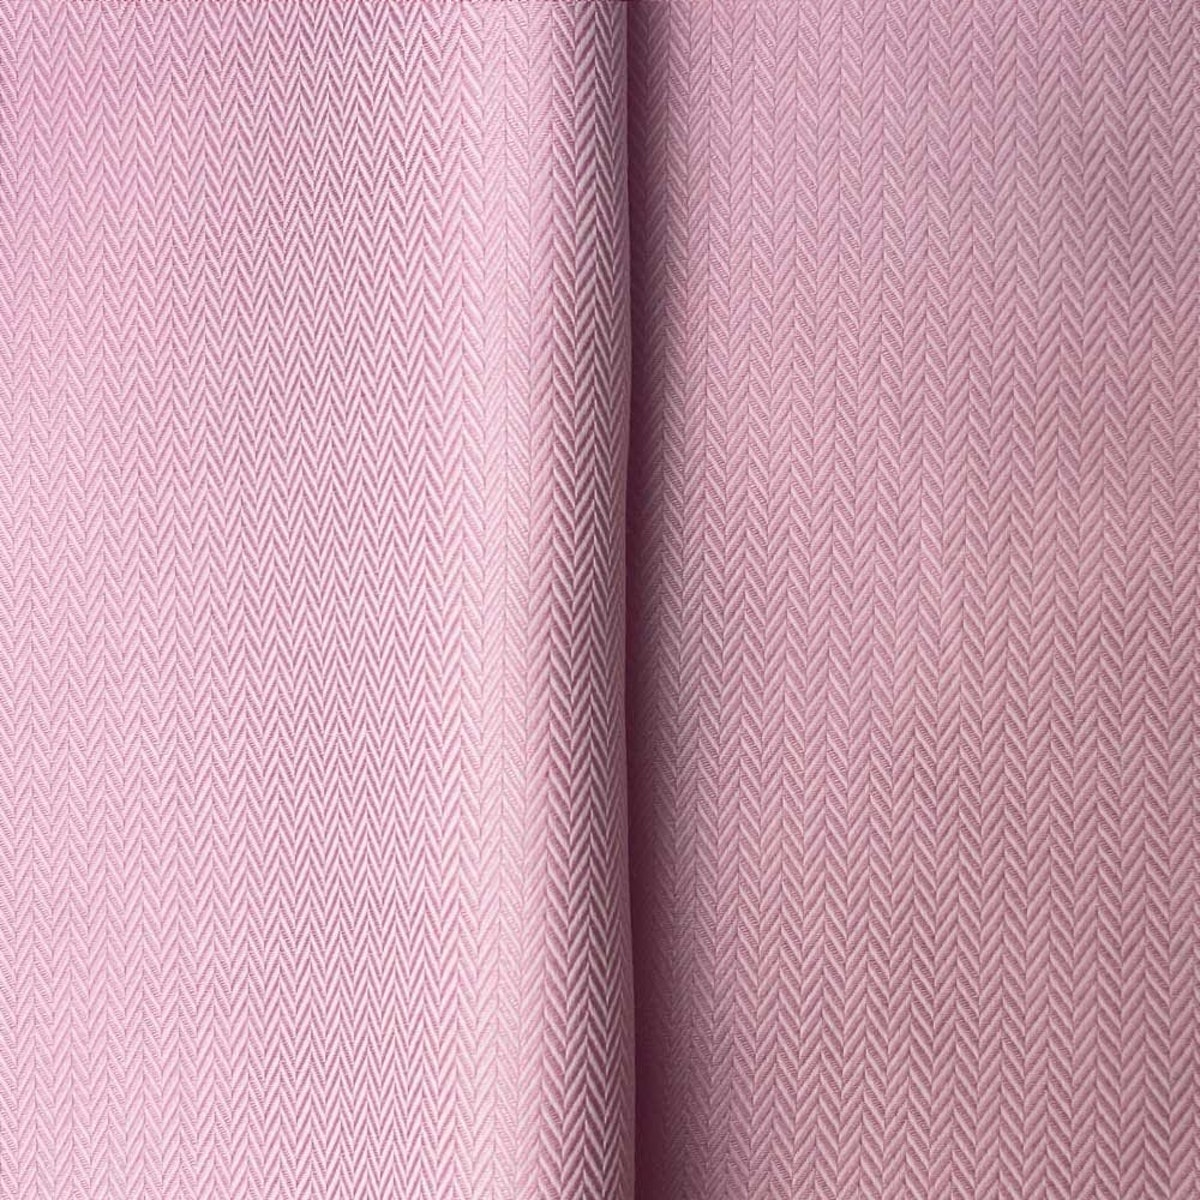 InStitchu Shirt Fabric 79